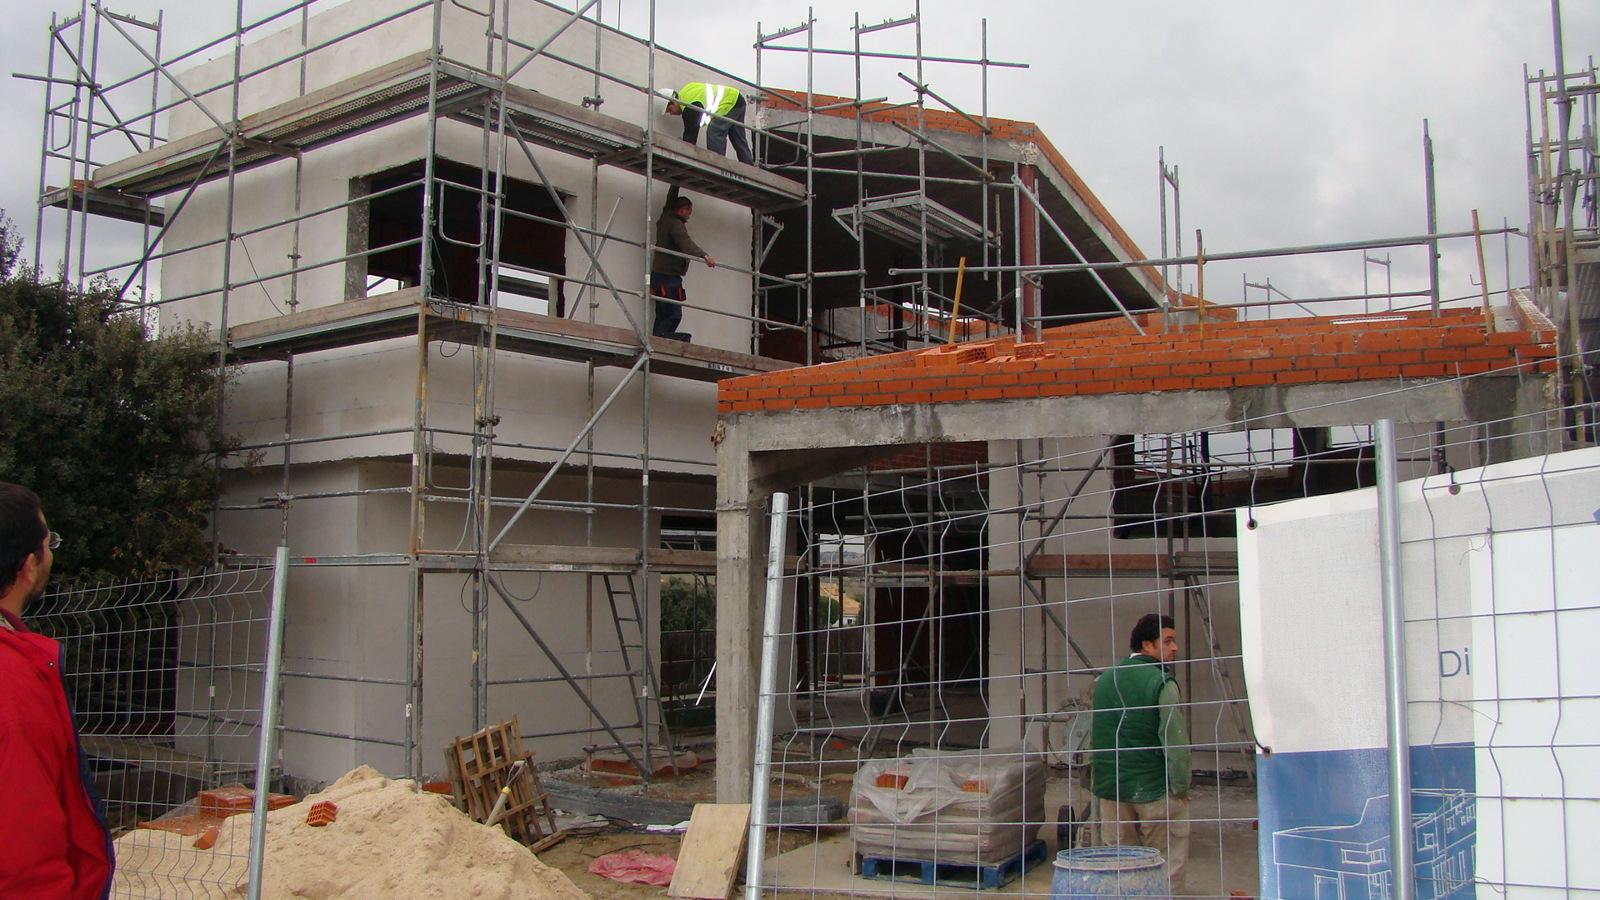 Pisos modernas dise casas diseno casas madera puerto rico - Entraditas de casa ...